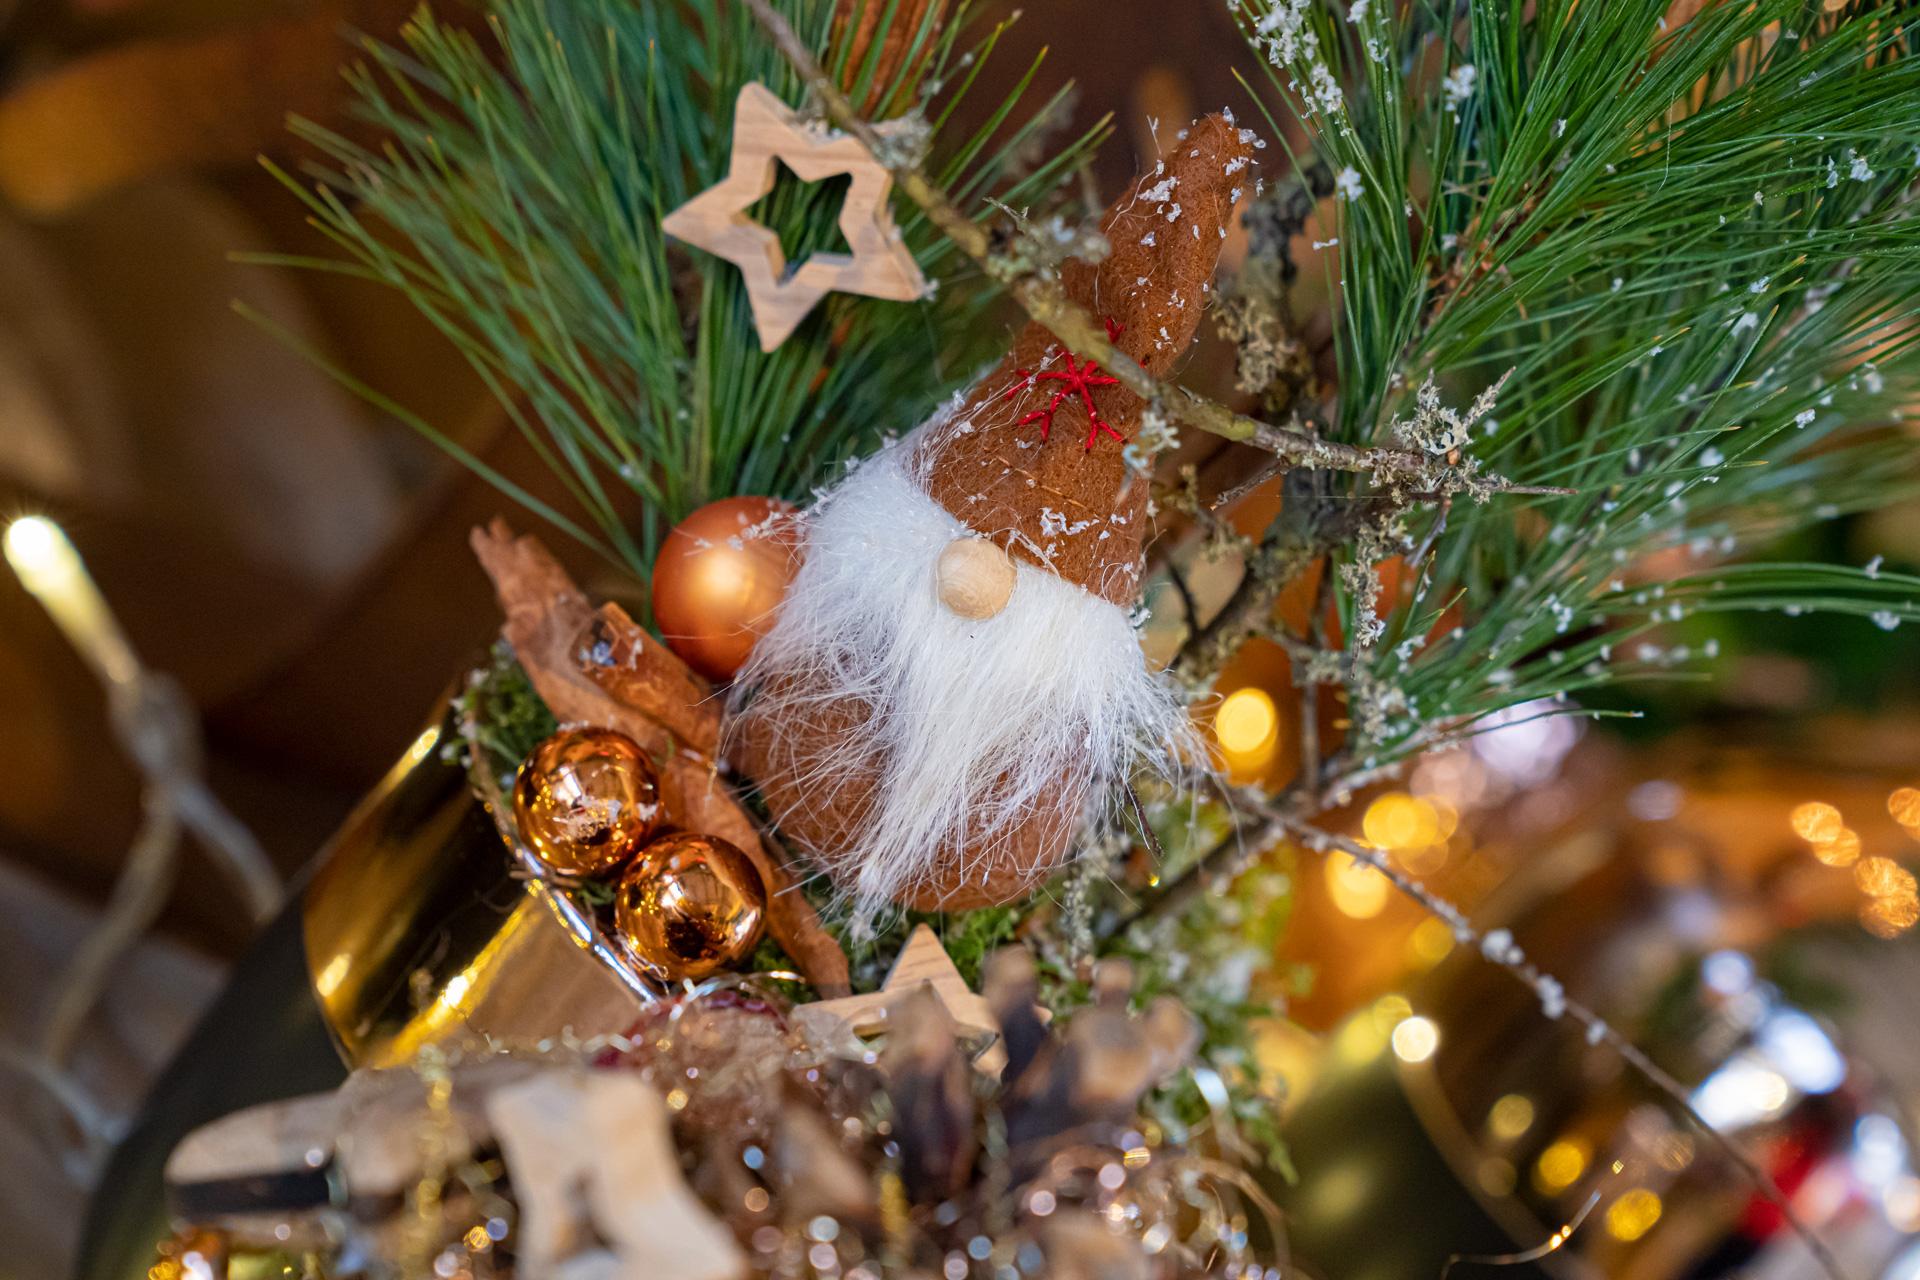 Liebevoll gestaltete Adventsdekorationen aus Ihrer Gärtnerei